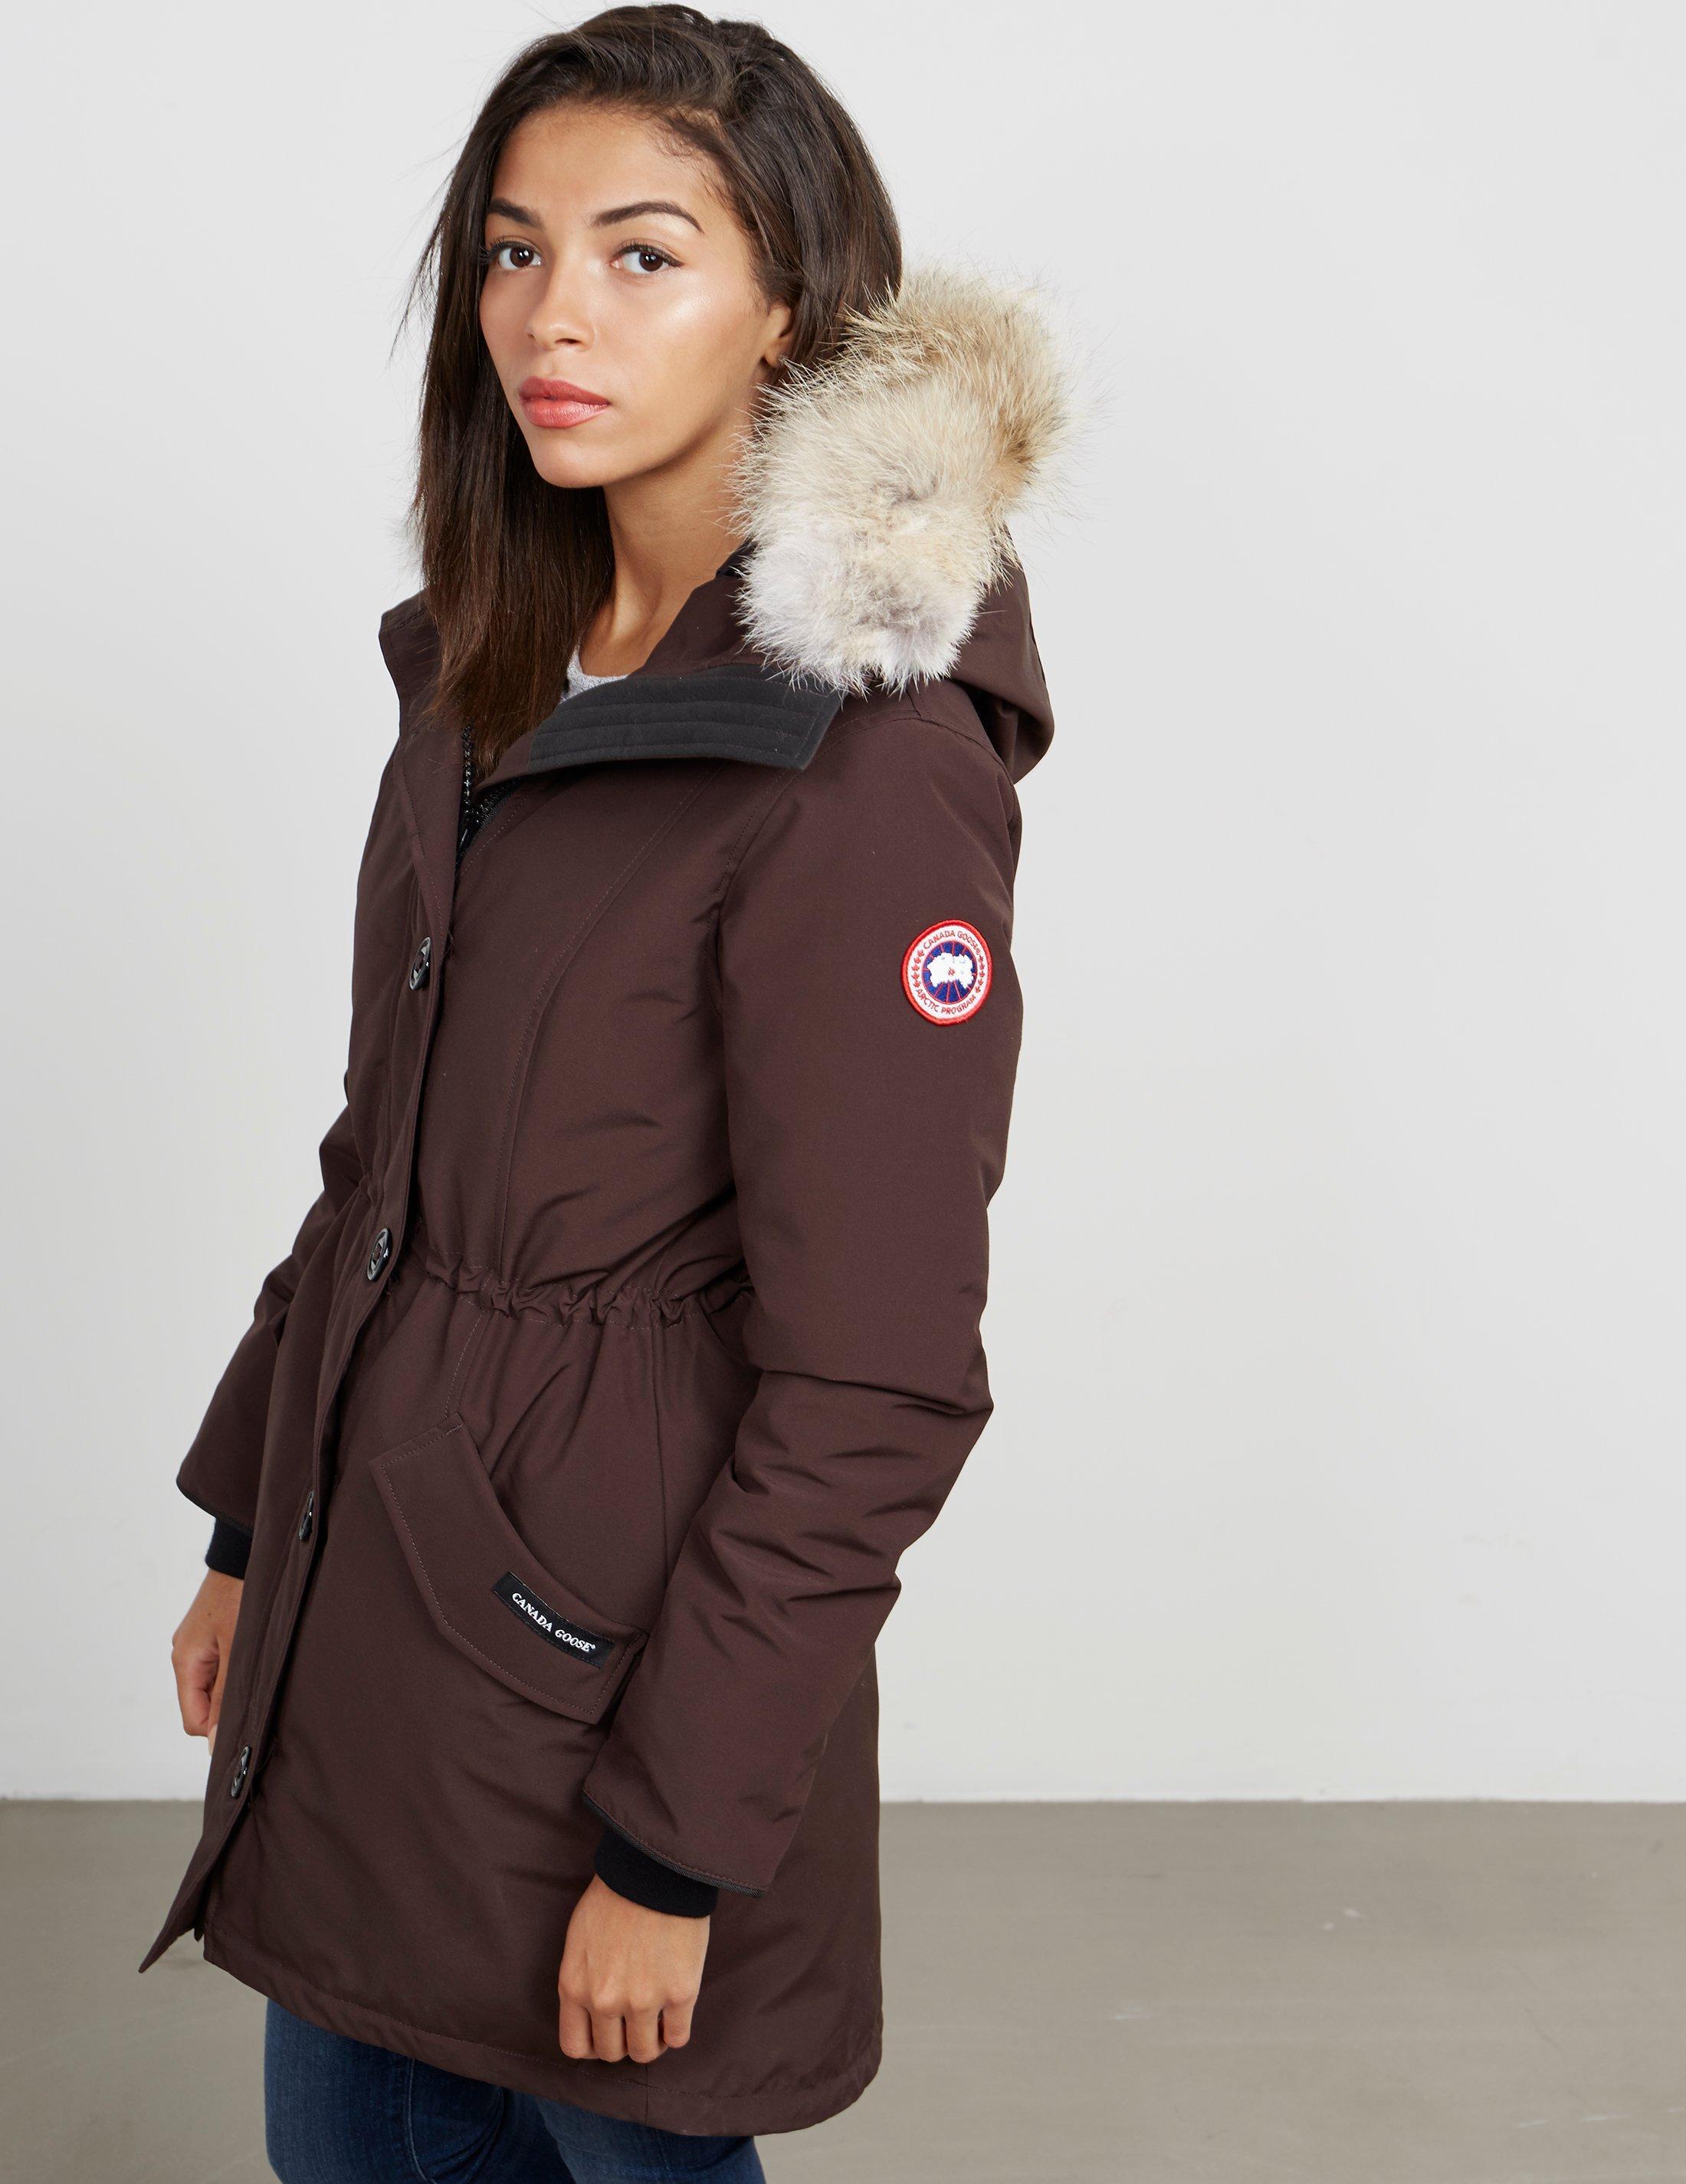 brown canada goose jacket